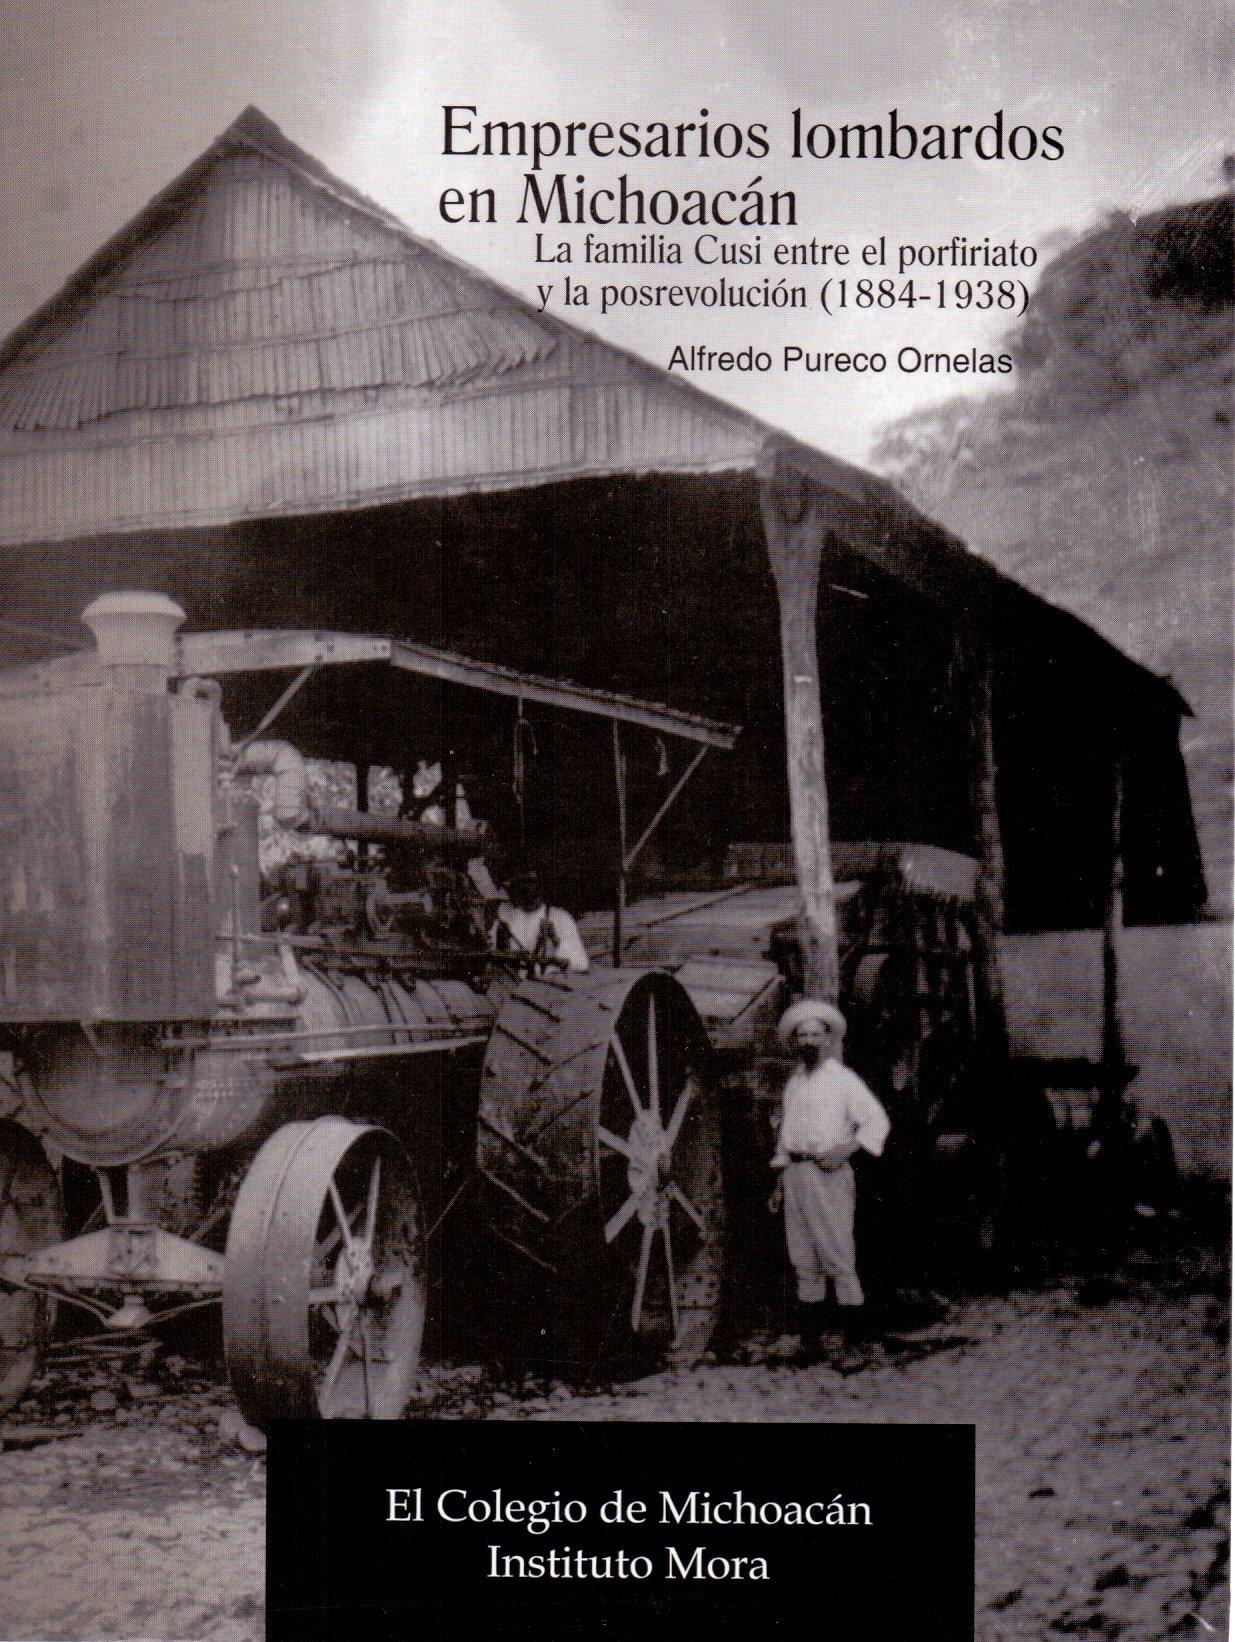 Empresarios lombardos en Michoacán. La familia Cusi entre el porfiriato y la posrevolución (1884-193